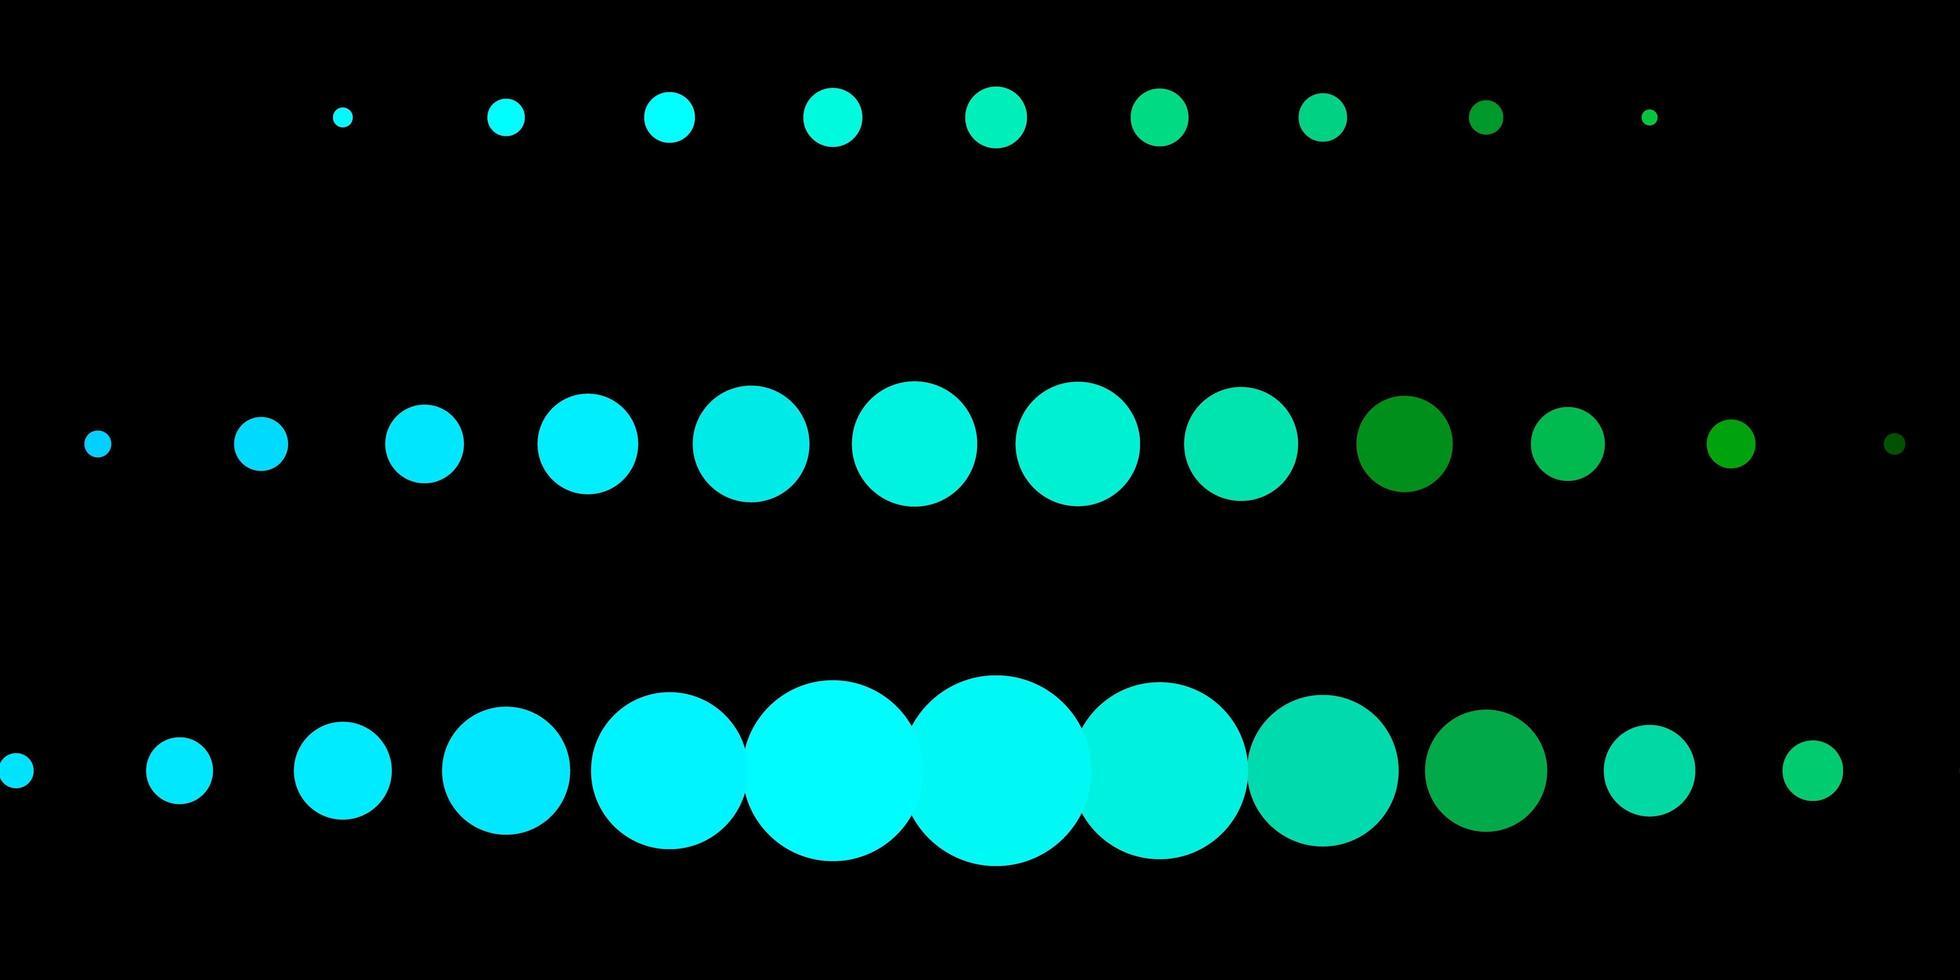 sfondo vettoriale blu scuro, verde con bolle.